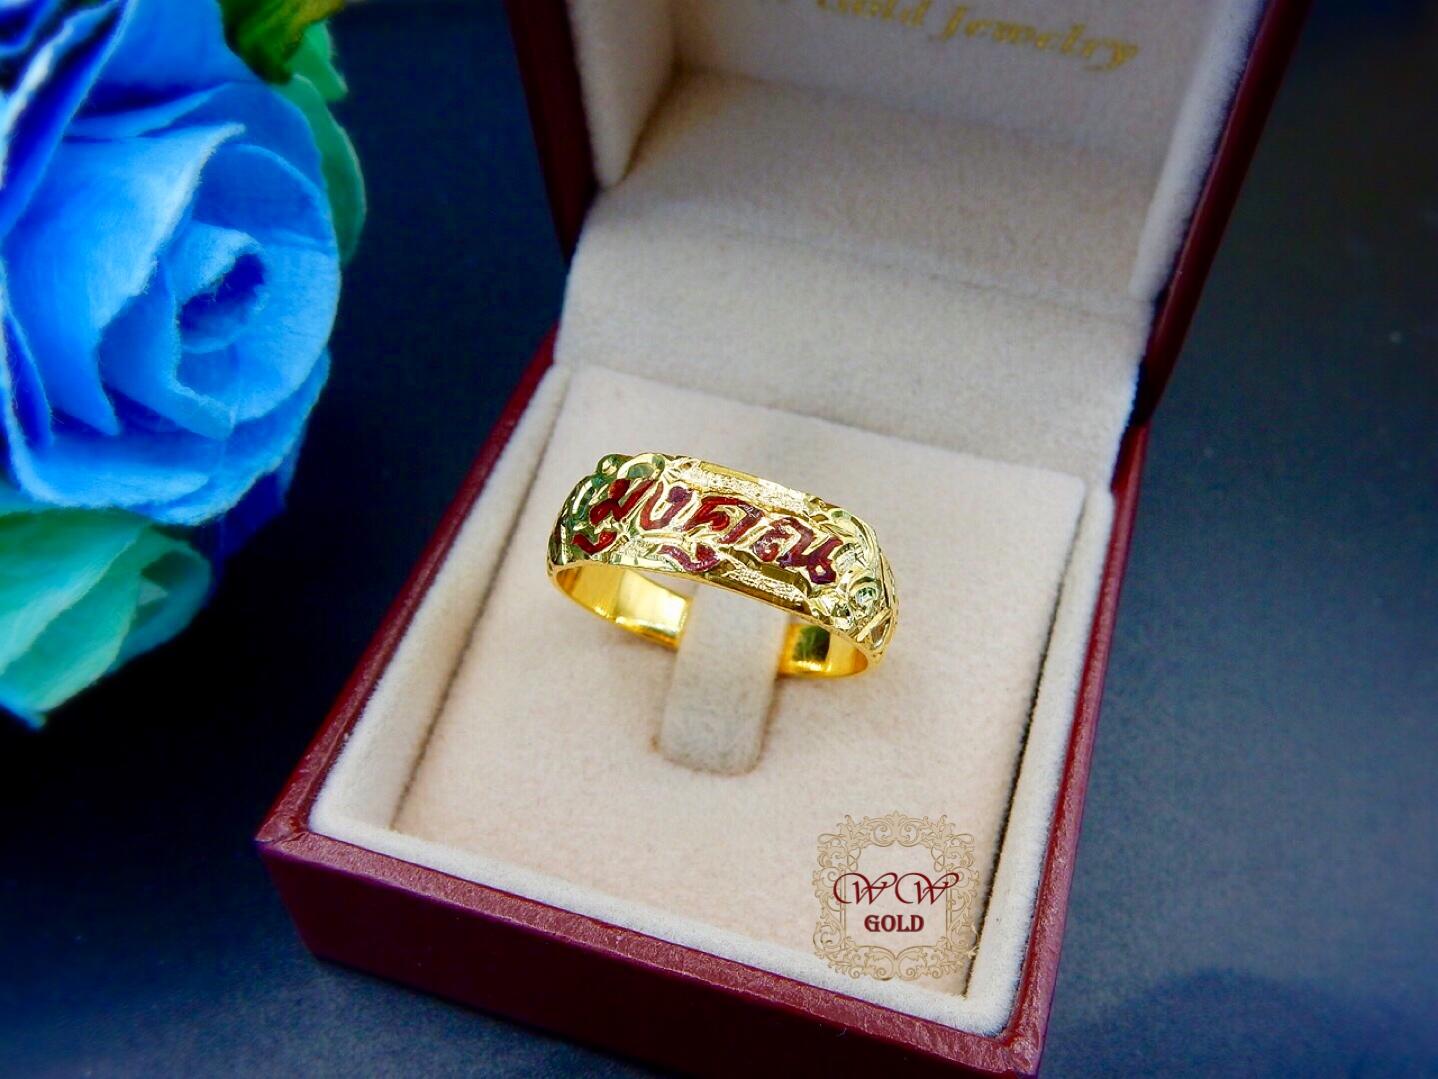 แหวนนามสกุลทองแท้ 18K ไม่ล้อมเพชร